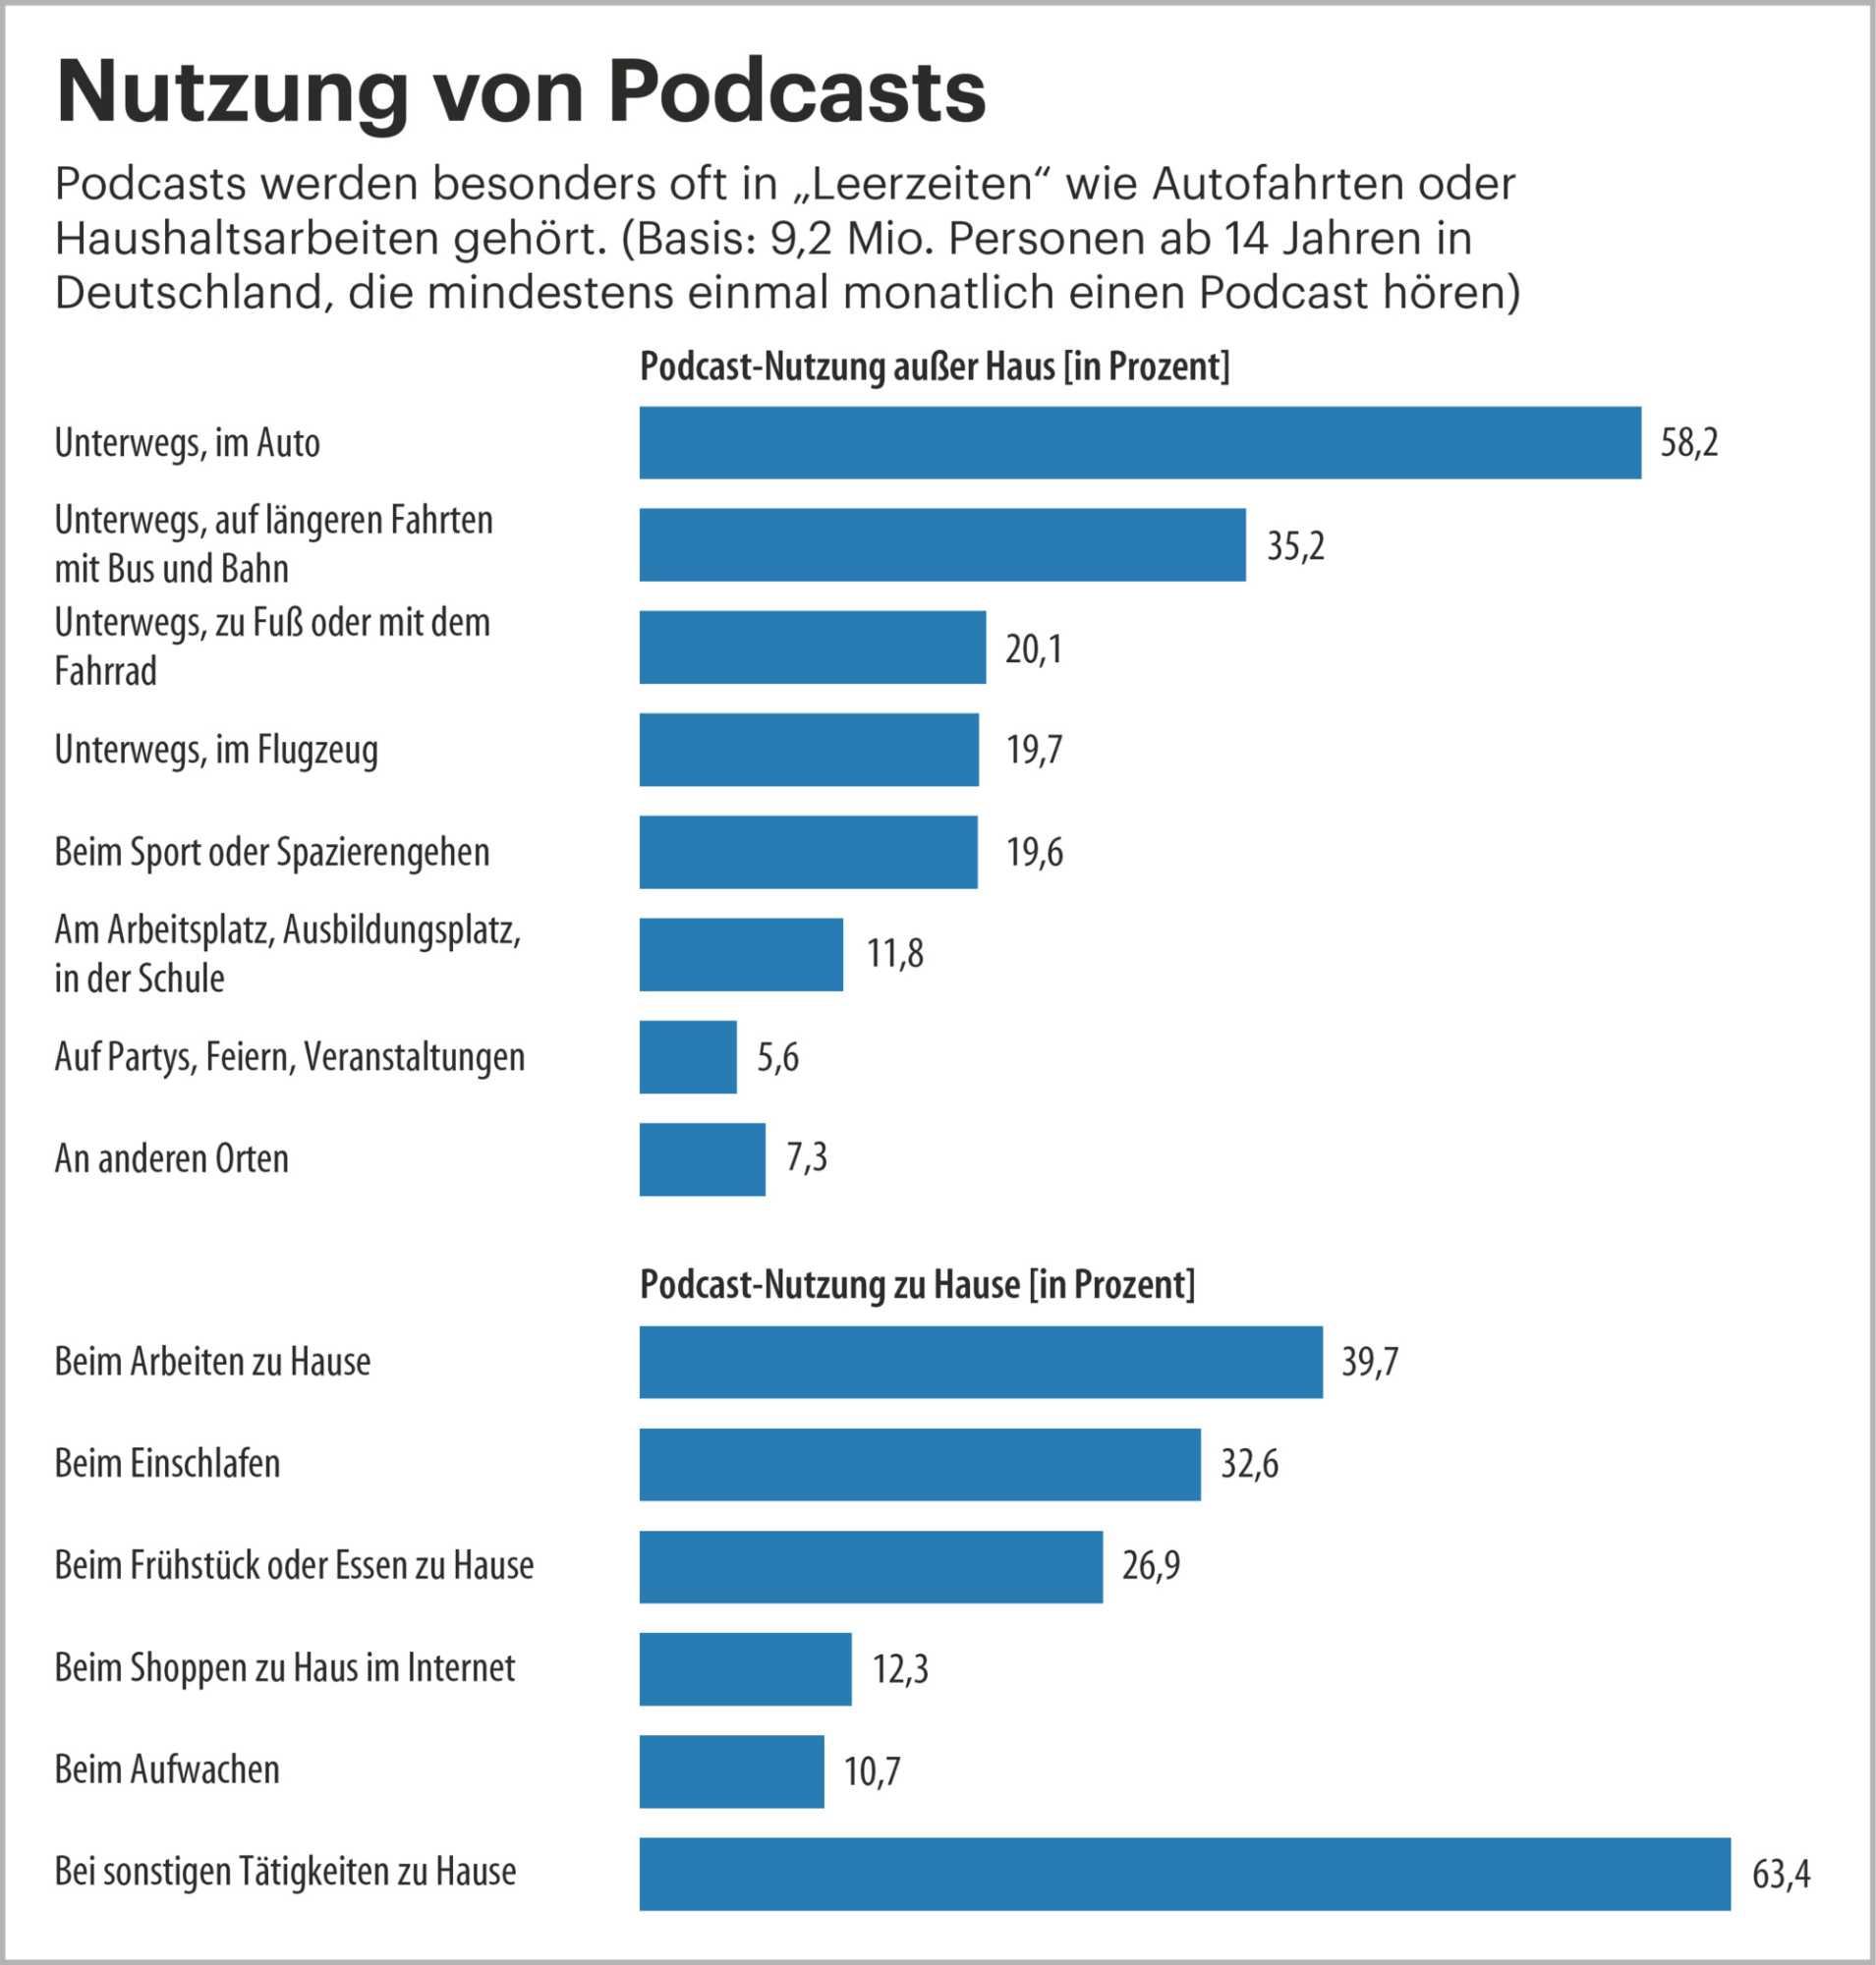 Quelle: Digitalisierungsbericht Audio 2019 / die medienanstalten